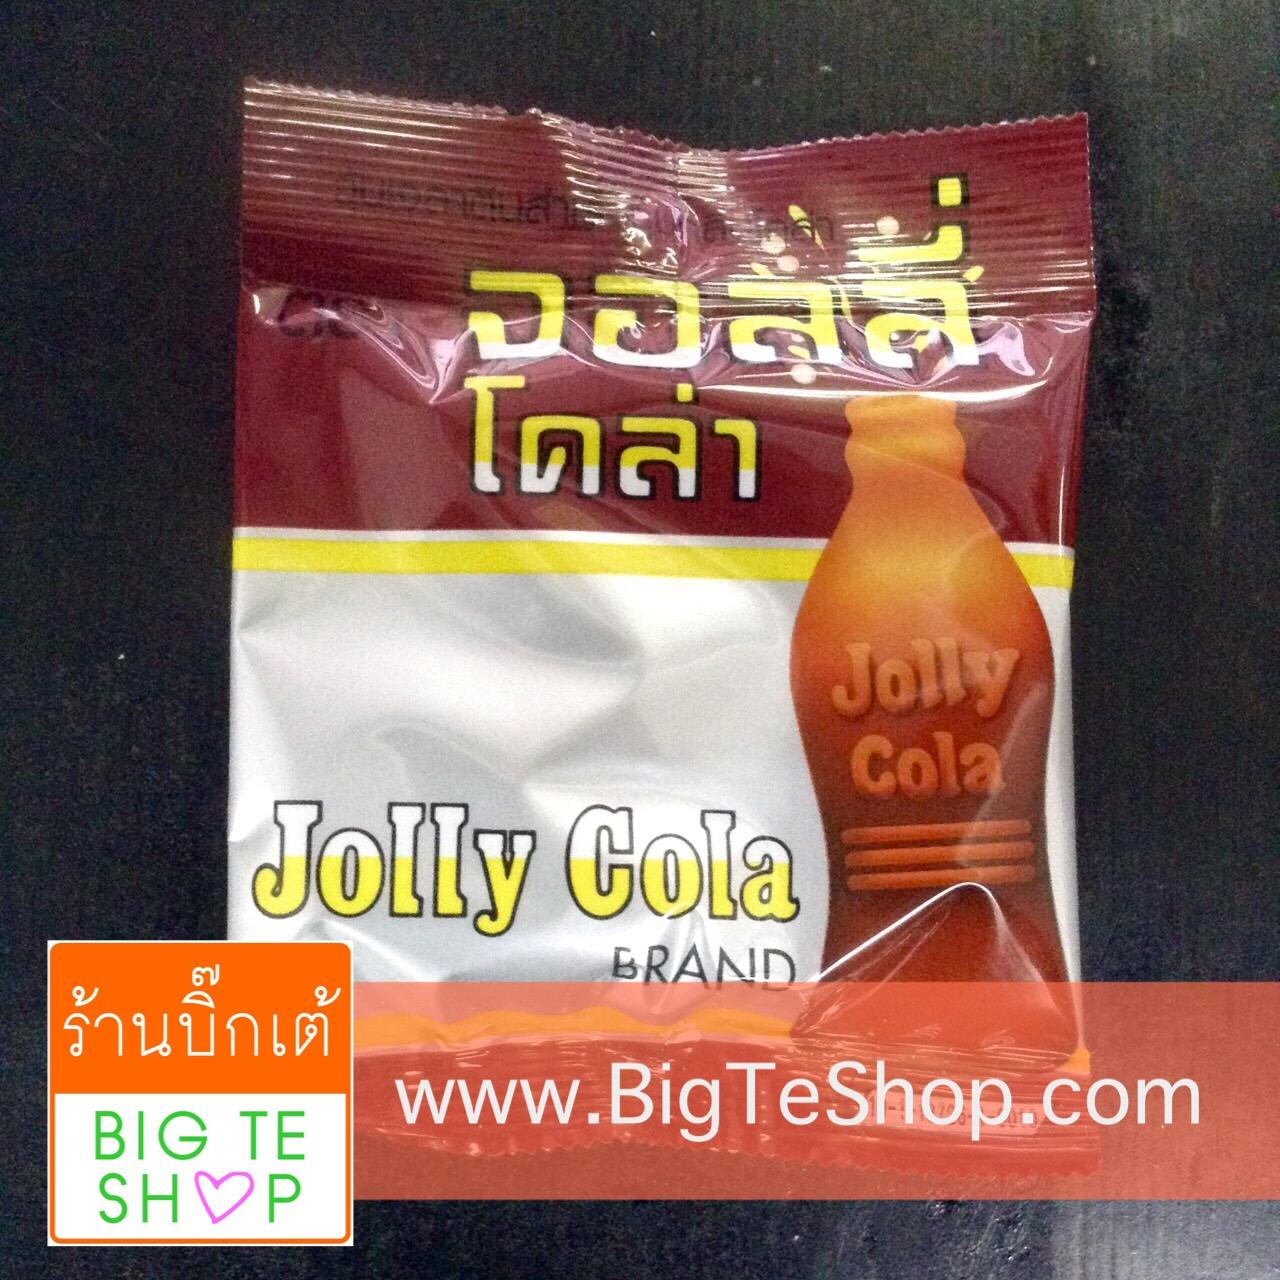 จอลลี่ โคล่า Jolly Cola (ซองเล็ก)